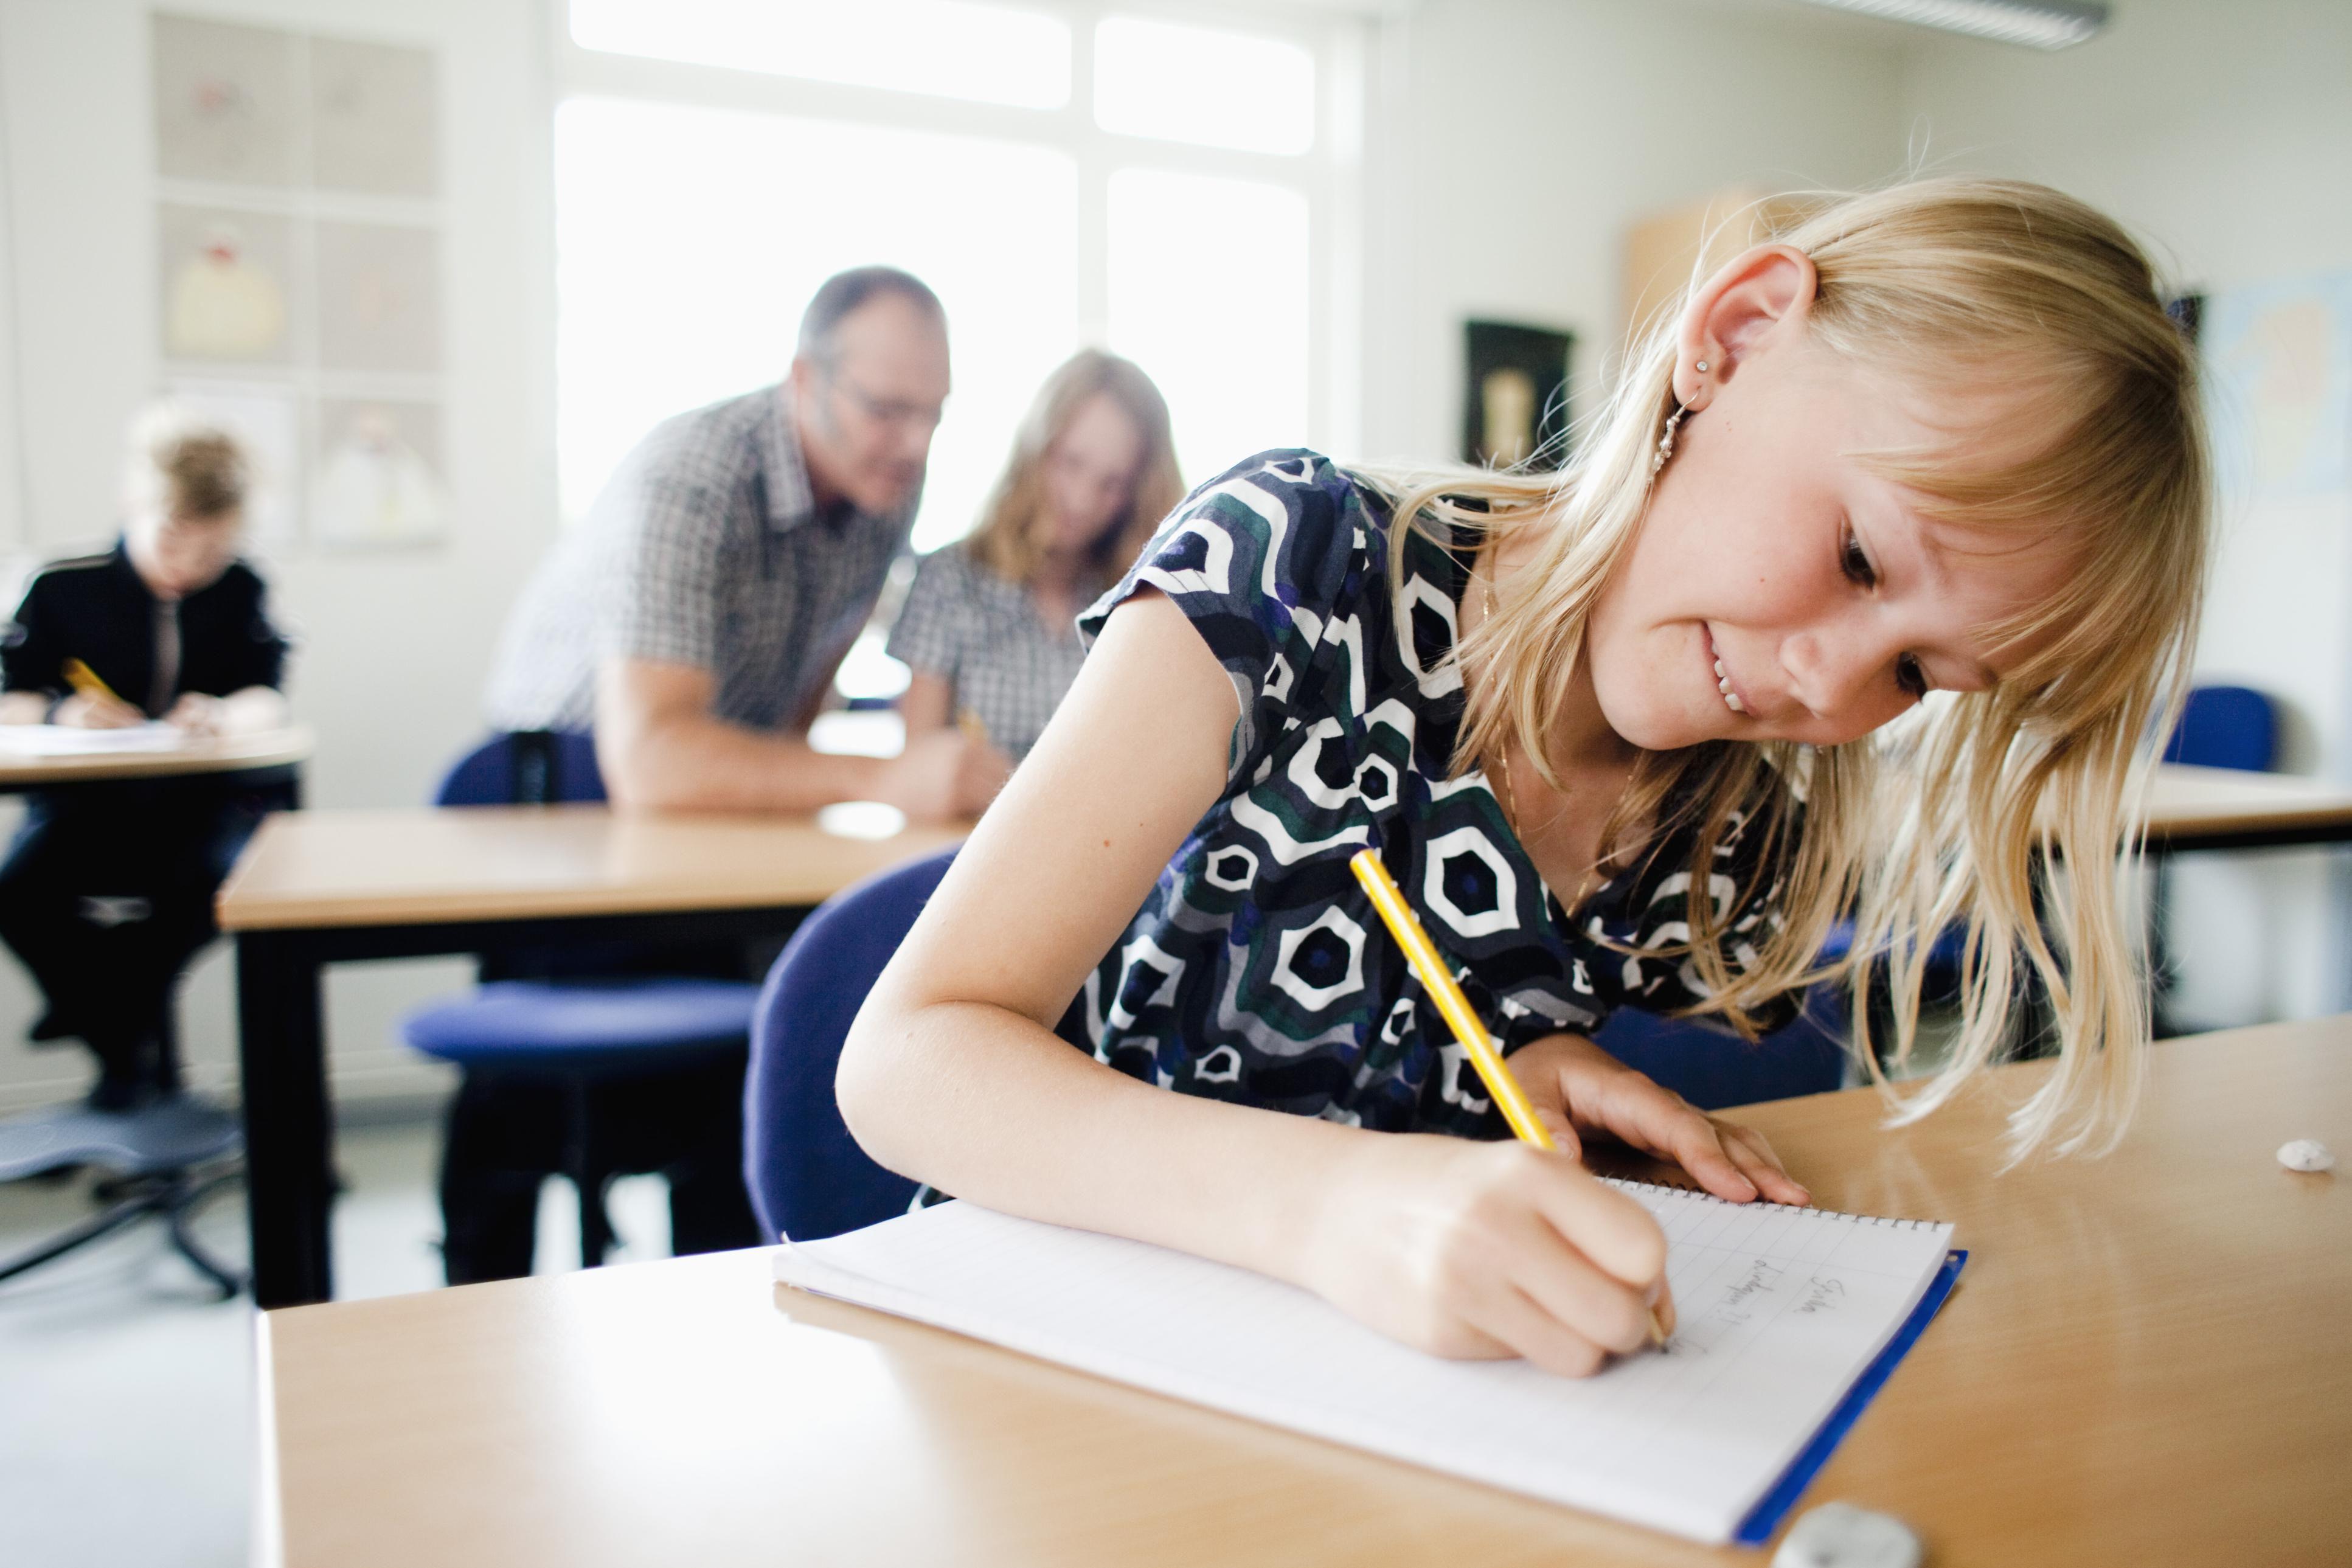 Zoznamka pre stredné schoolers E25 prémia dotvorby